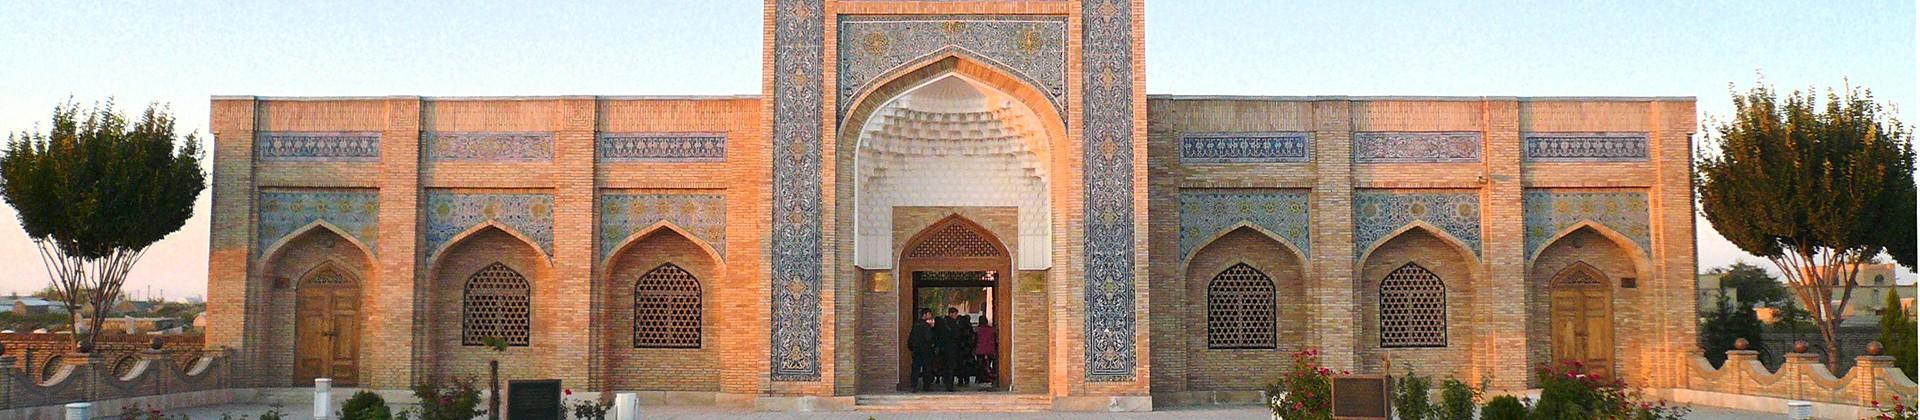 Bahauddin Naqshband Sufi Complex - 1